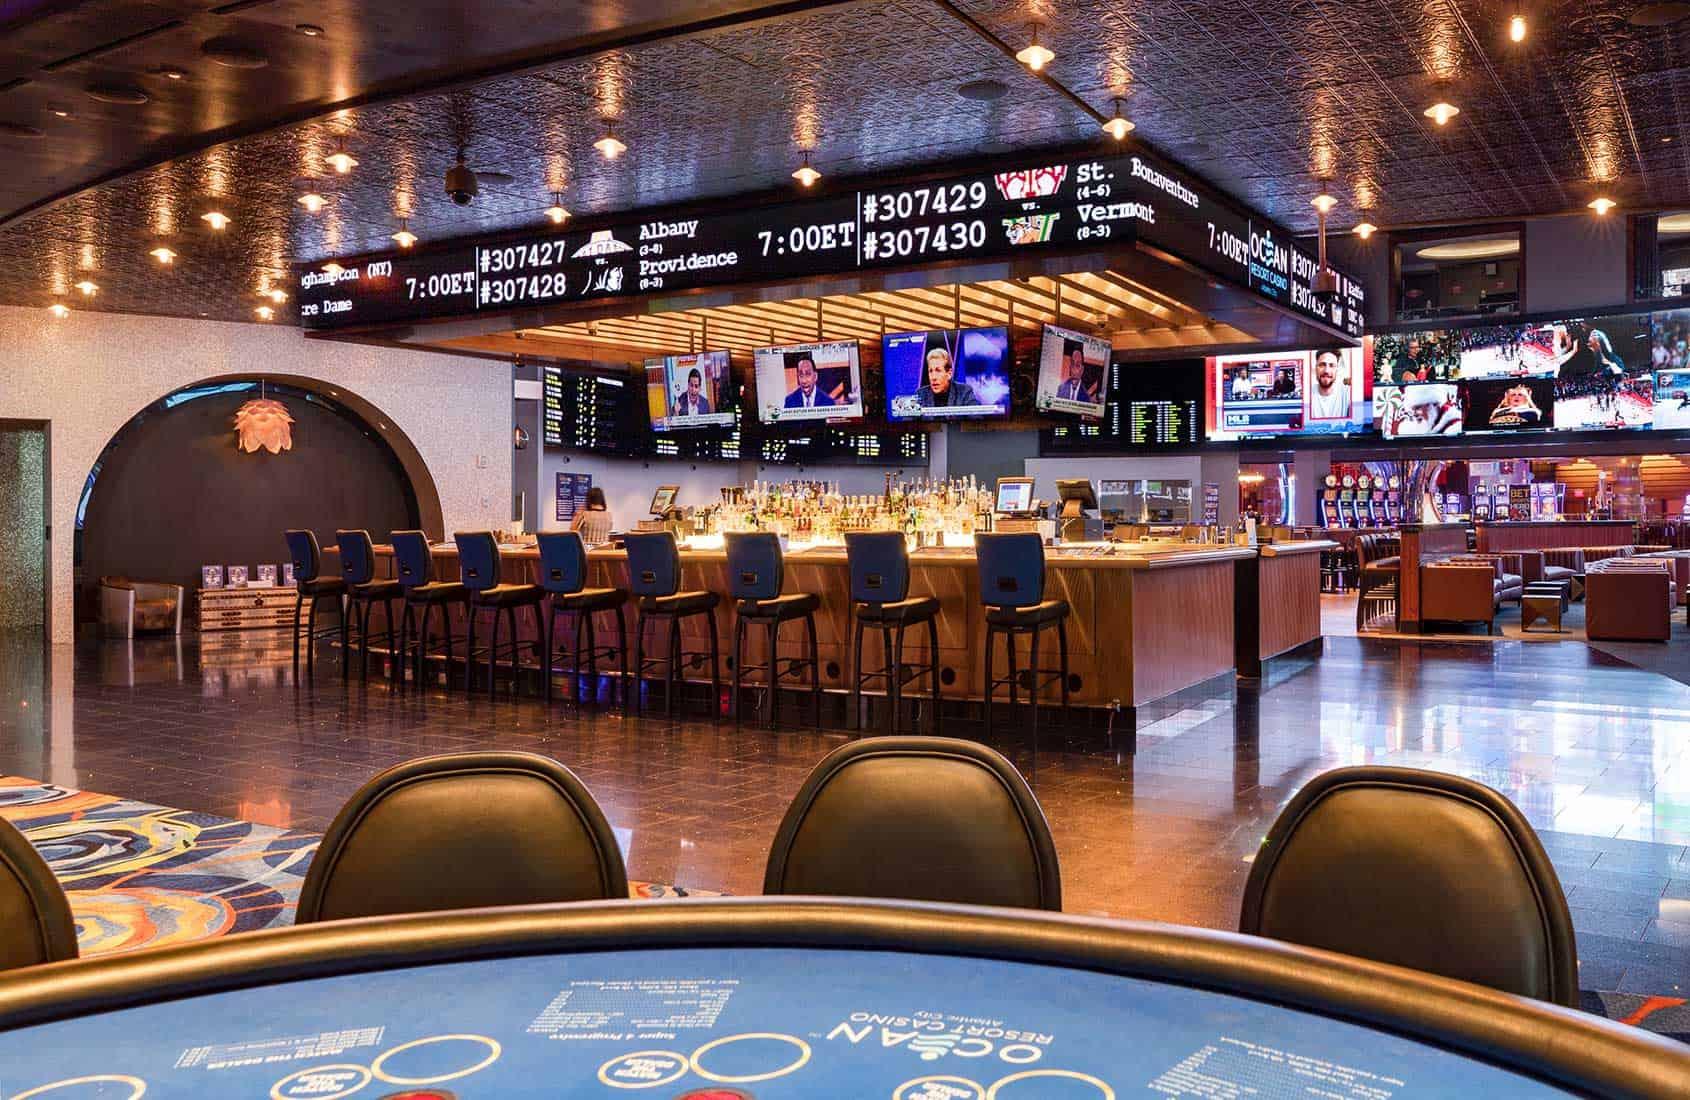 официальный сайт казино william hill отзывы